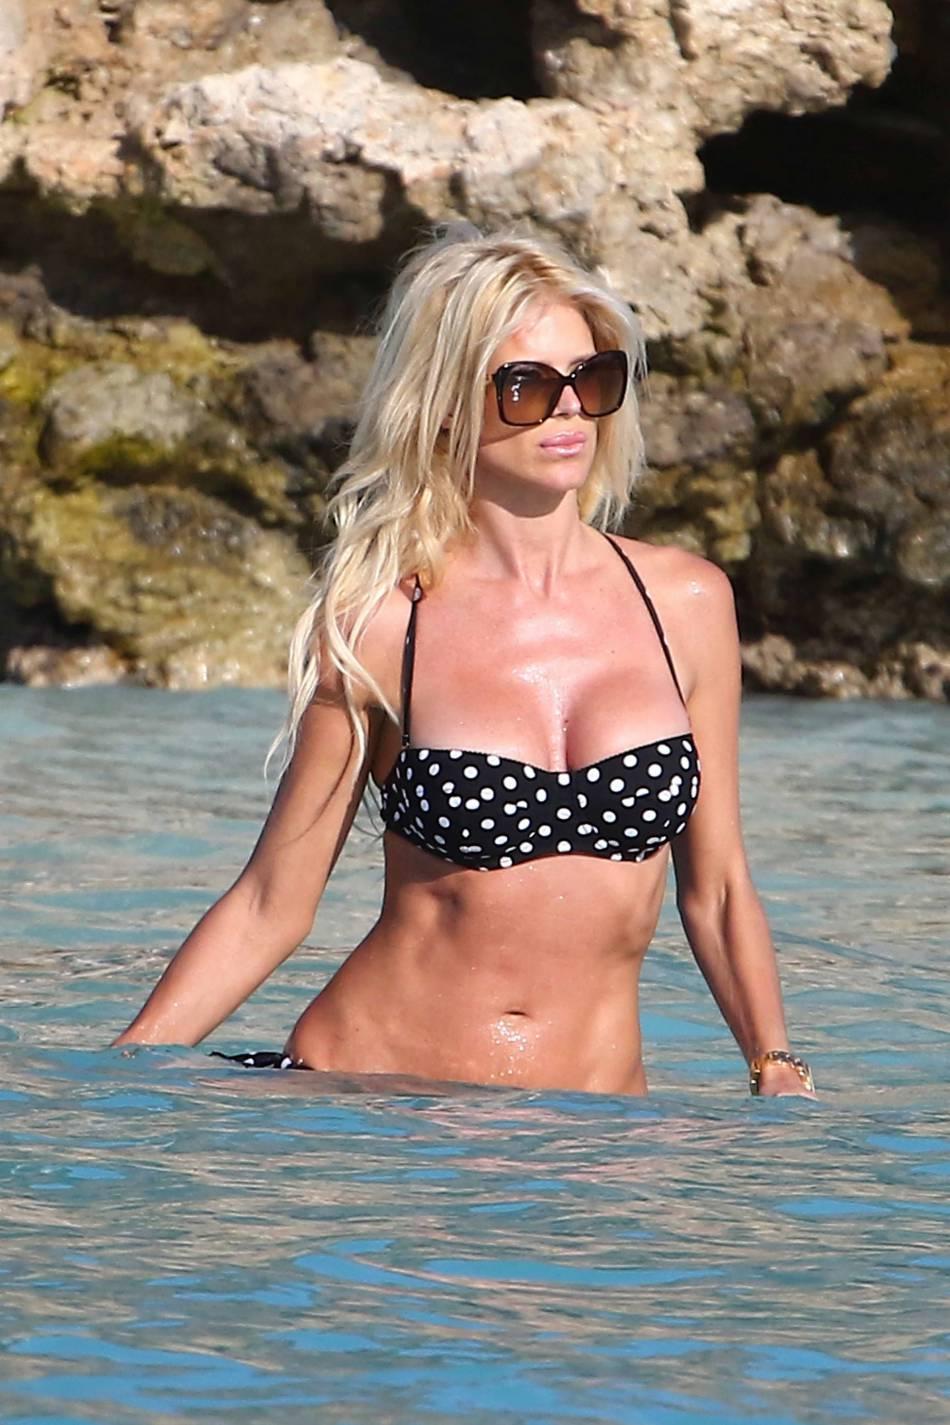 Victoria Silvstedt affichait un corps tonique, il y a quelques jours, pour une baignade en bikini à Saint-Barth.